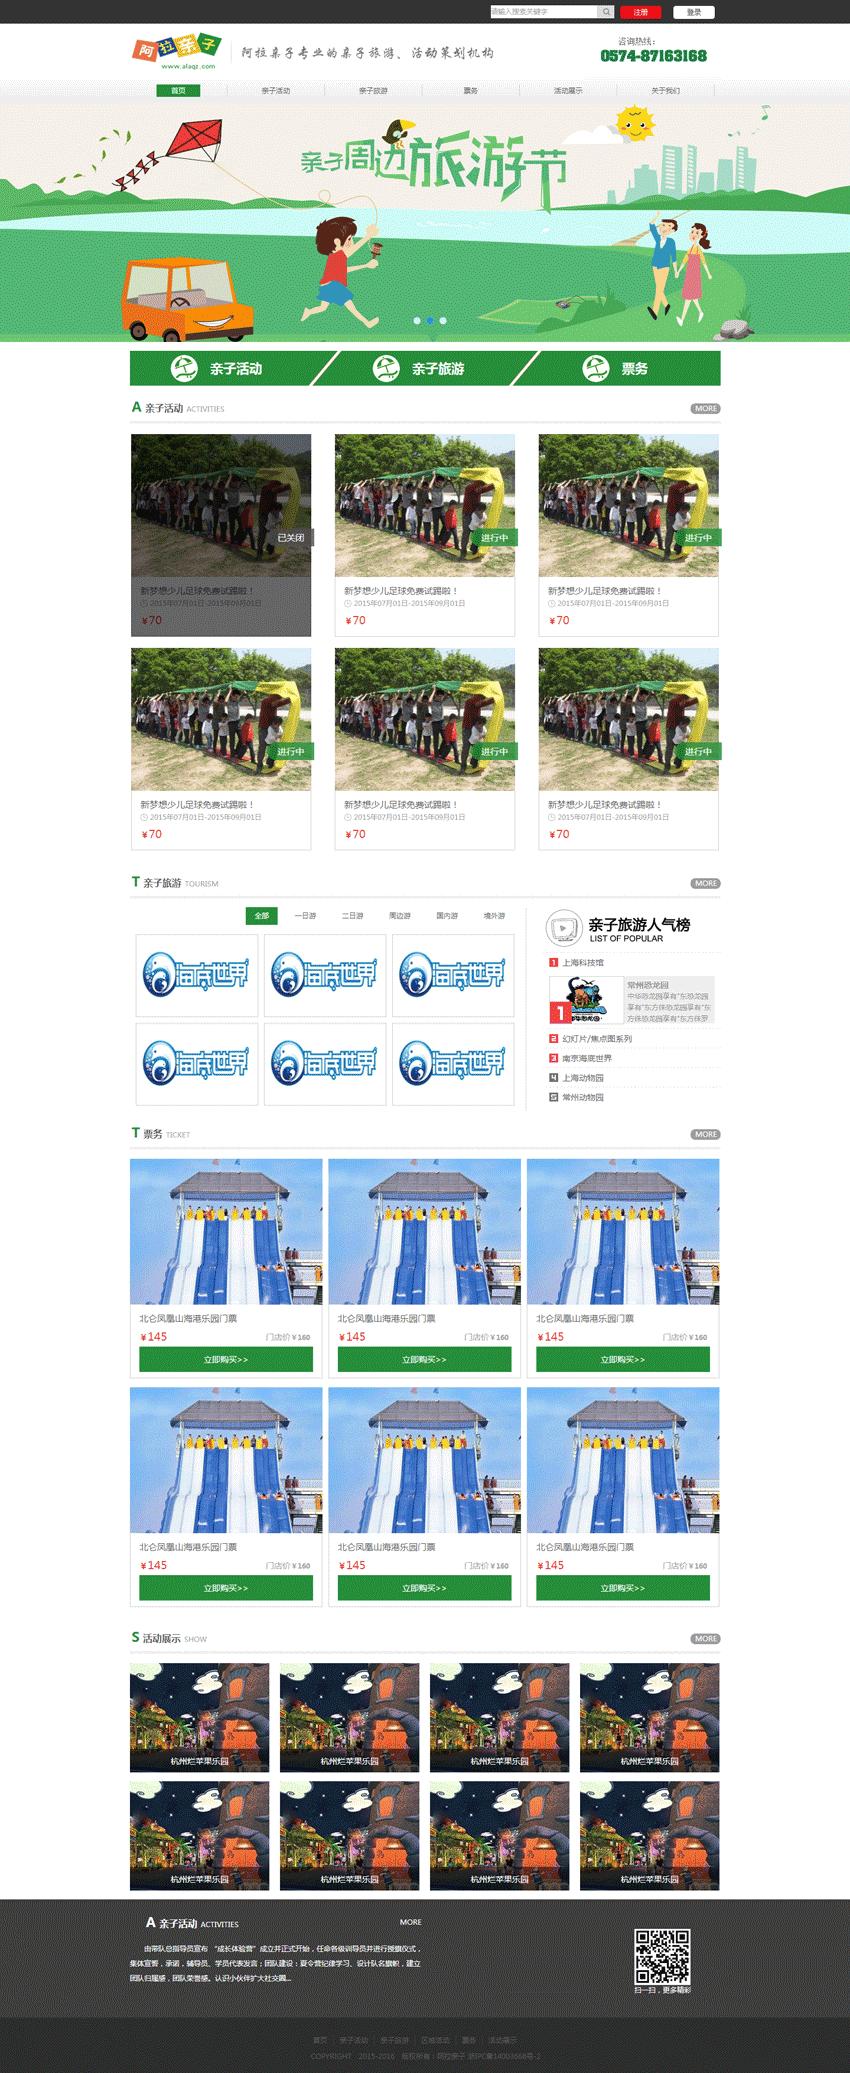 绿色的亲子旅游企业网站html整站模板